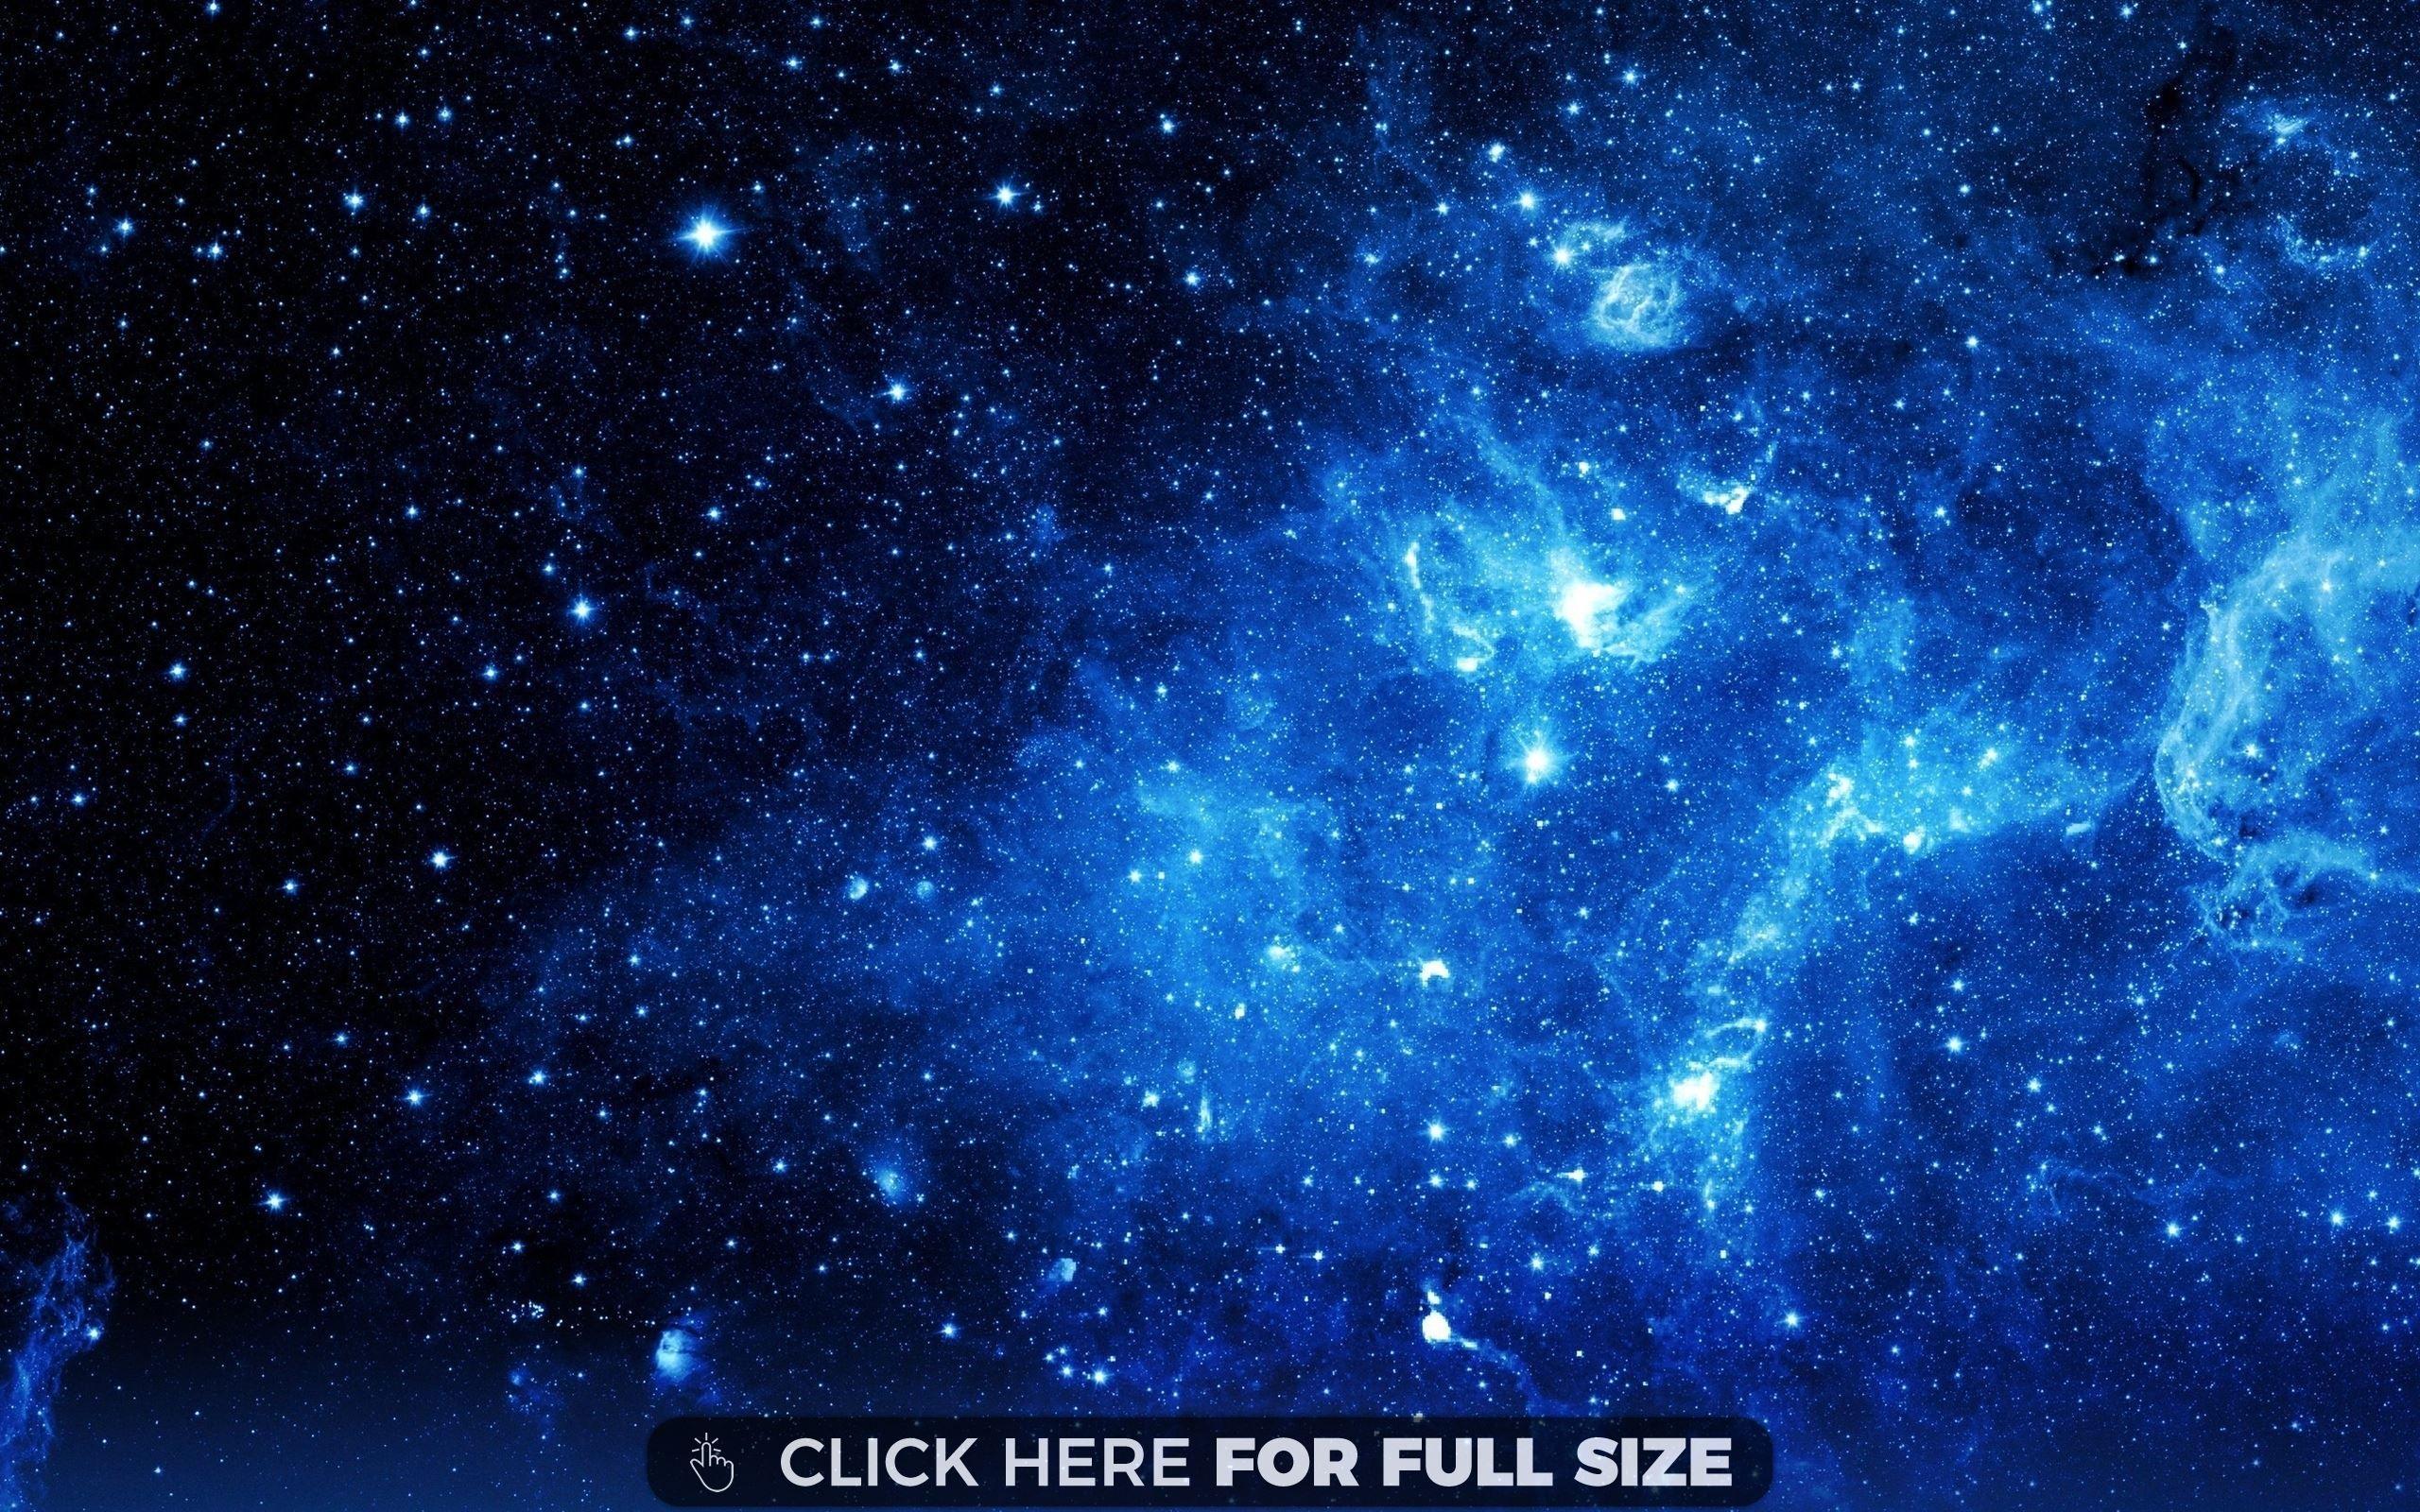 Blue Galaxy Blue Galaxy Wallpaper Galaxy Wallpaper Hd Galaxy Wallpaper